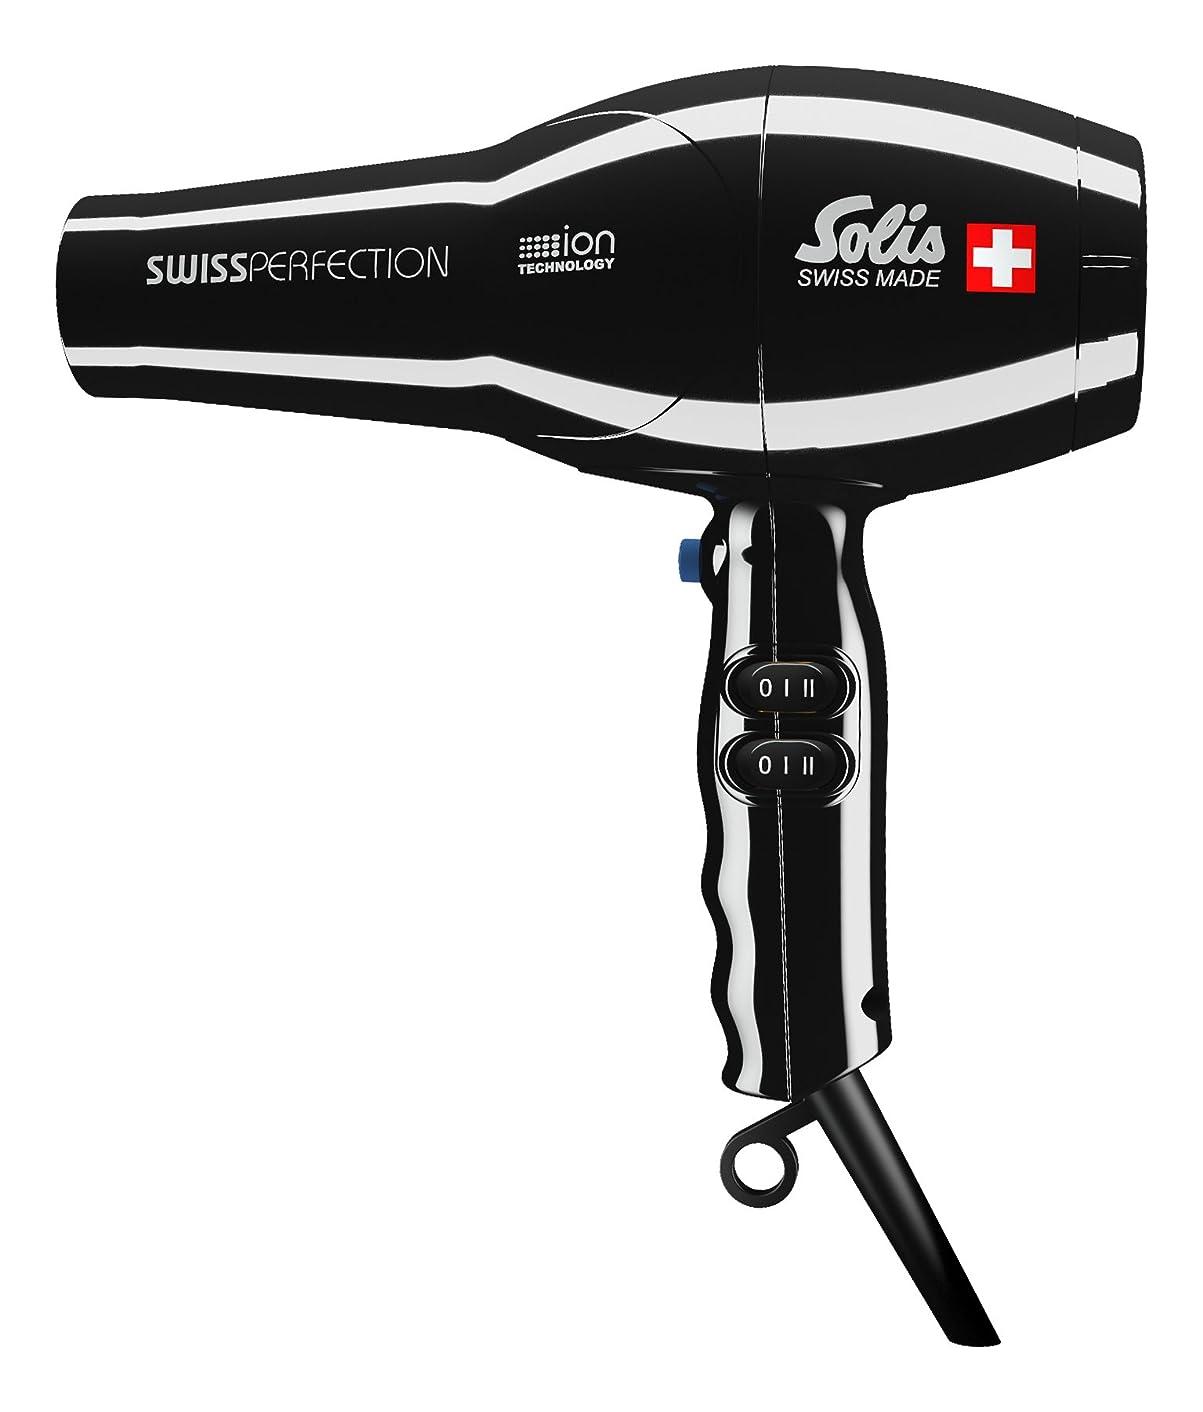 ライタージャンプするラショナルソリスプロフェッショナル仕様ドライヤー、温風温度77℃で髪にやさしい、イオンテクノロジー、スイスパーフェクション (SD440B)、黒